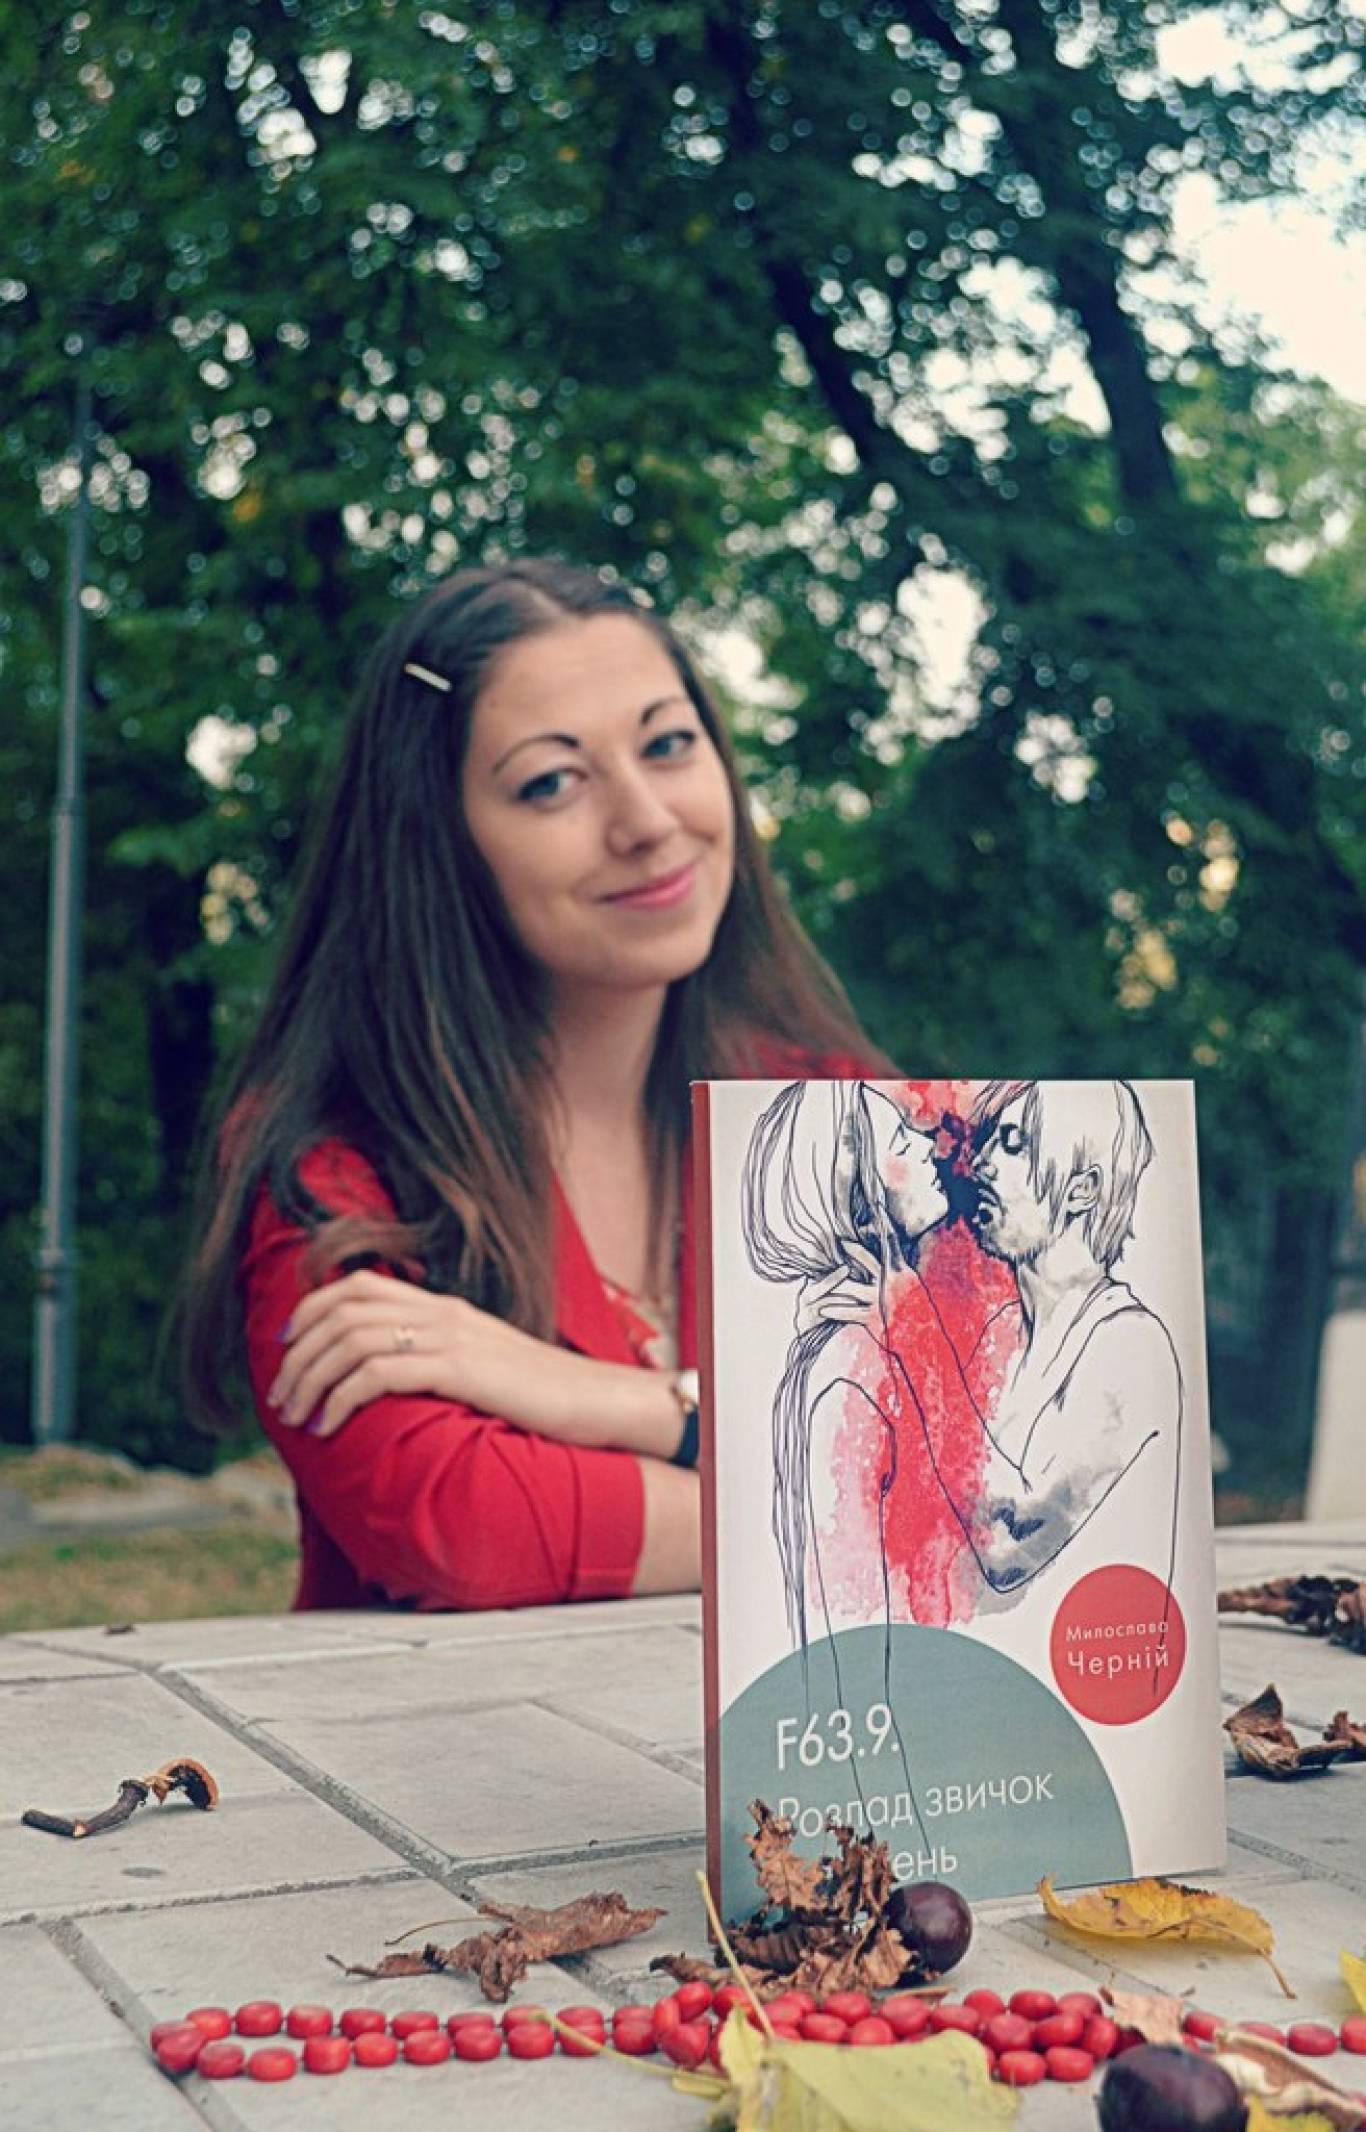 Поетично-музична презентація книги Милослави Черній «F63,9. Розлад звичок і ваблень».